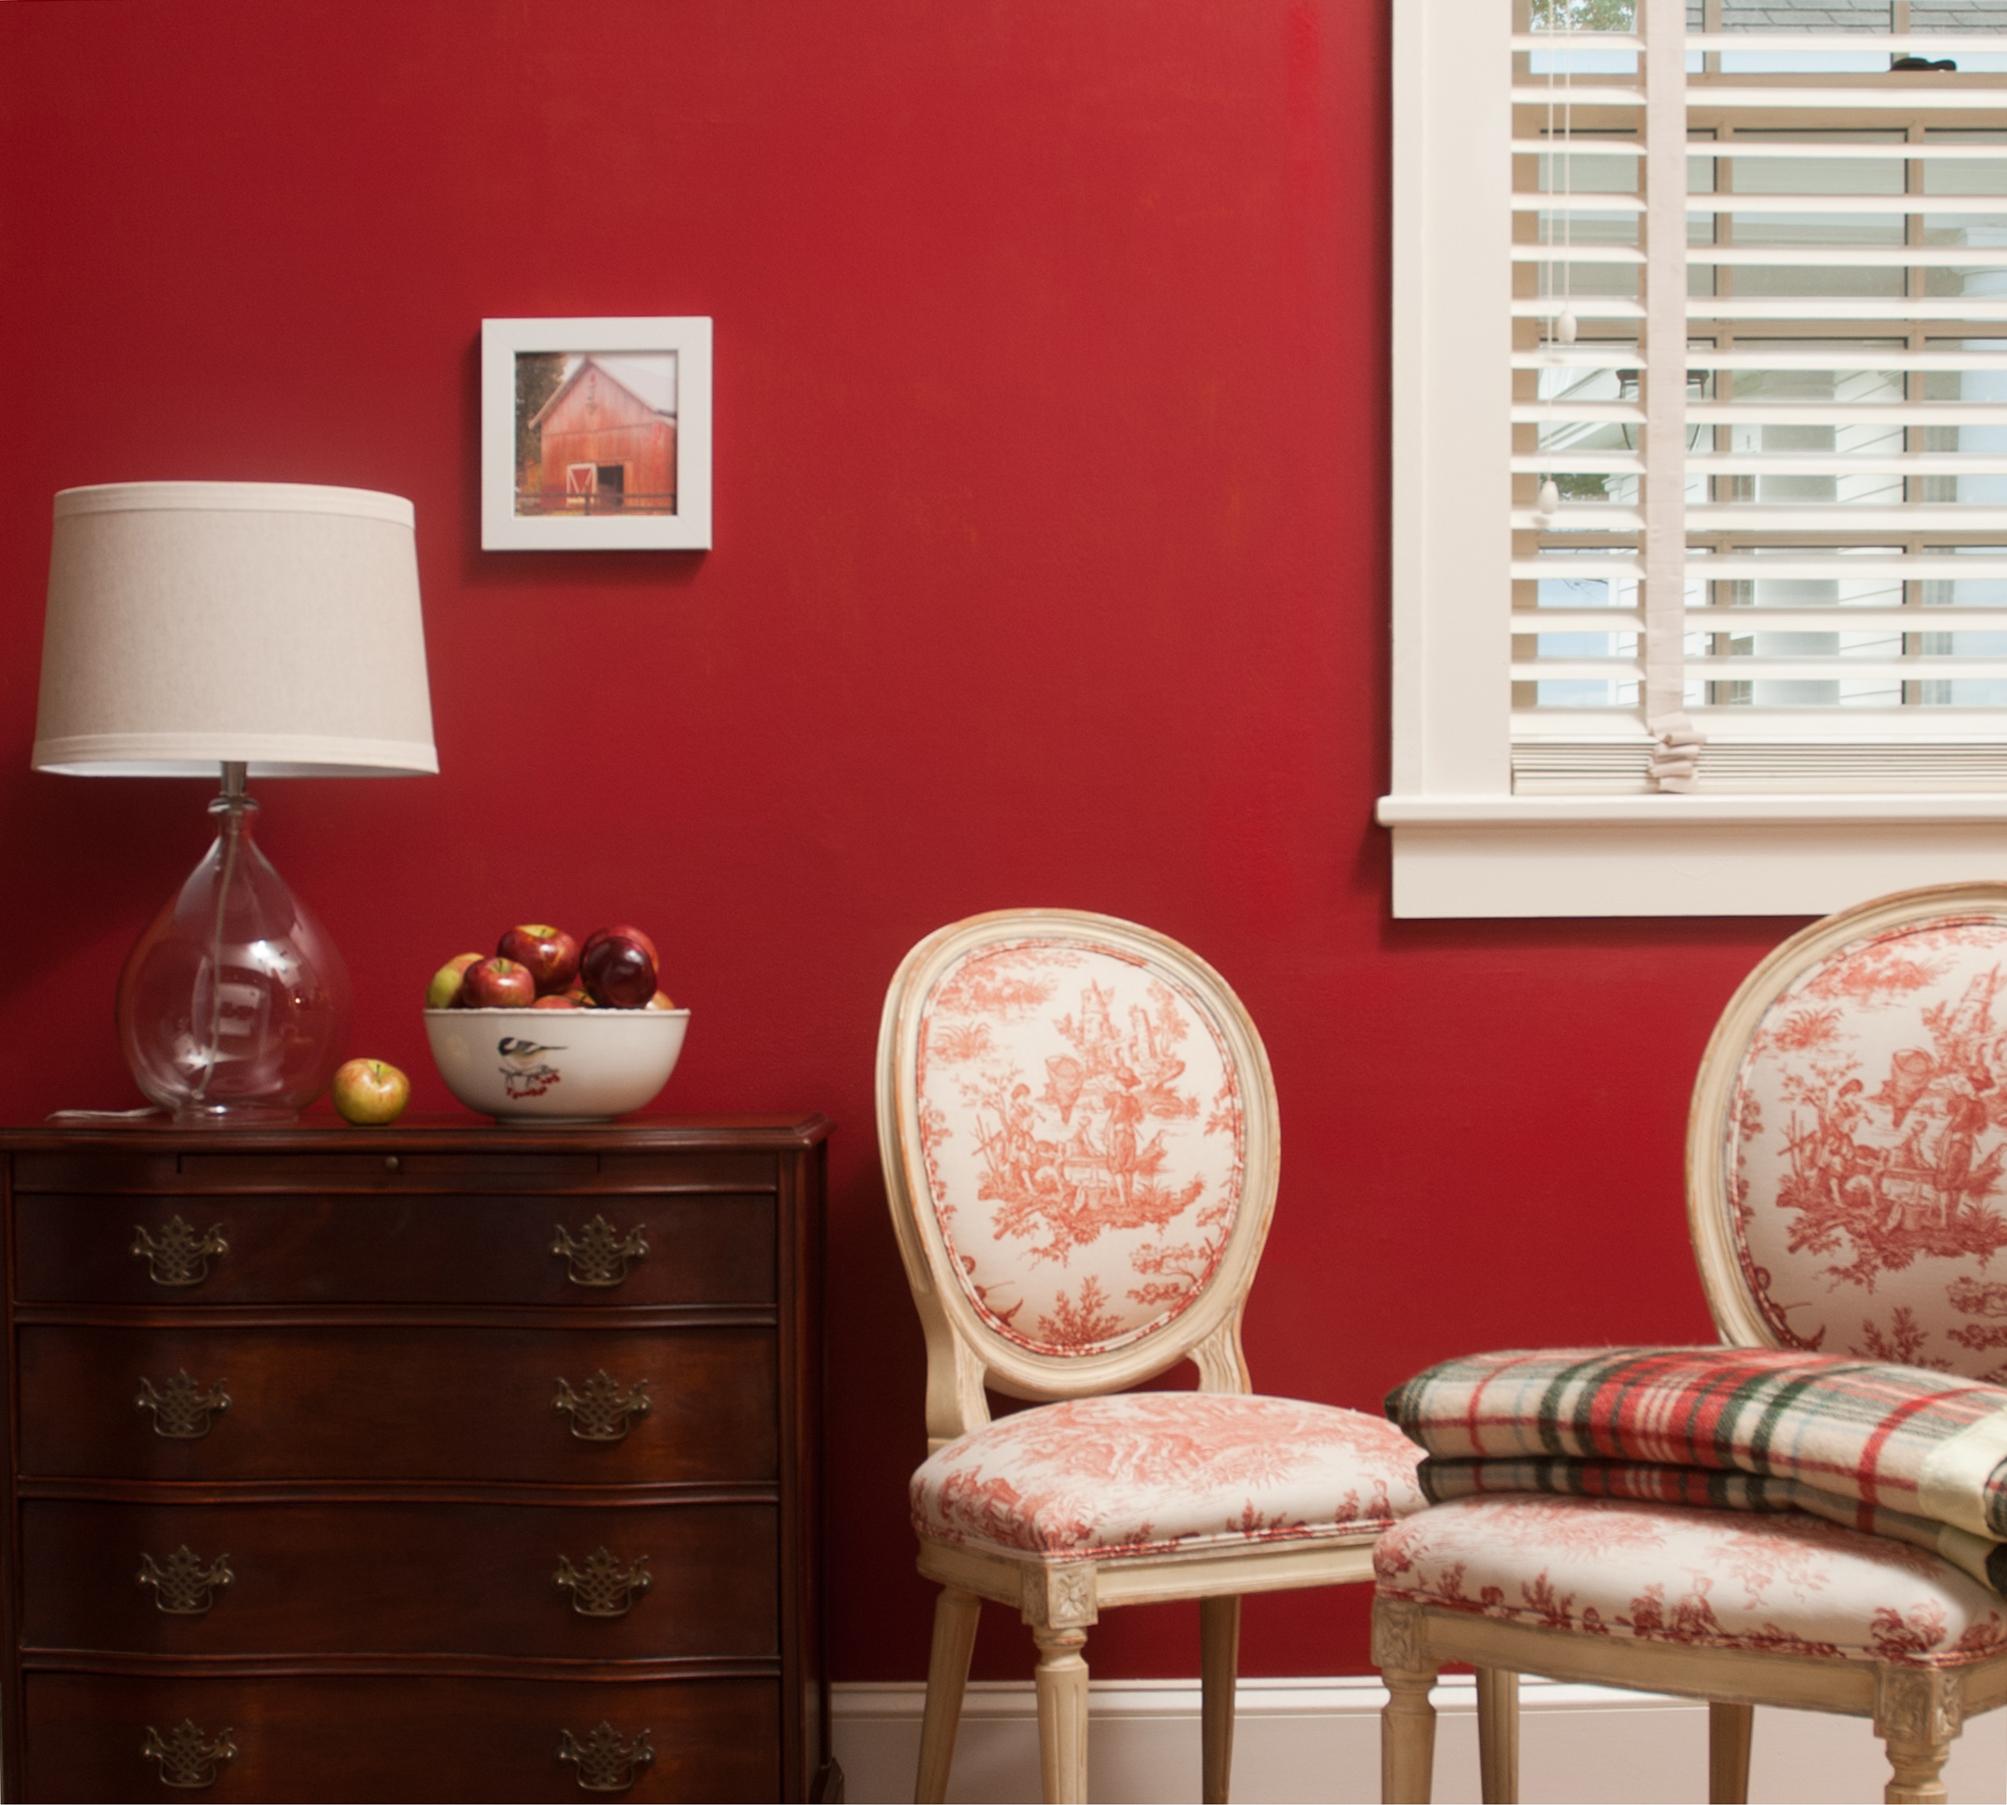 Jaki kolor pasuje do czerwonego we wnętrzach?